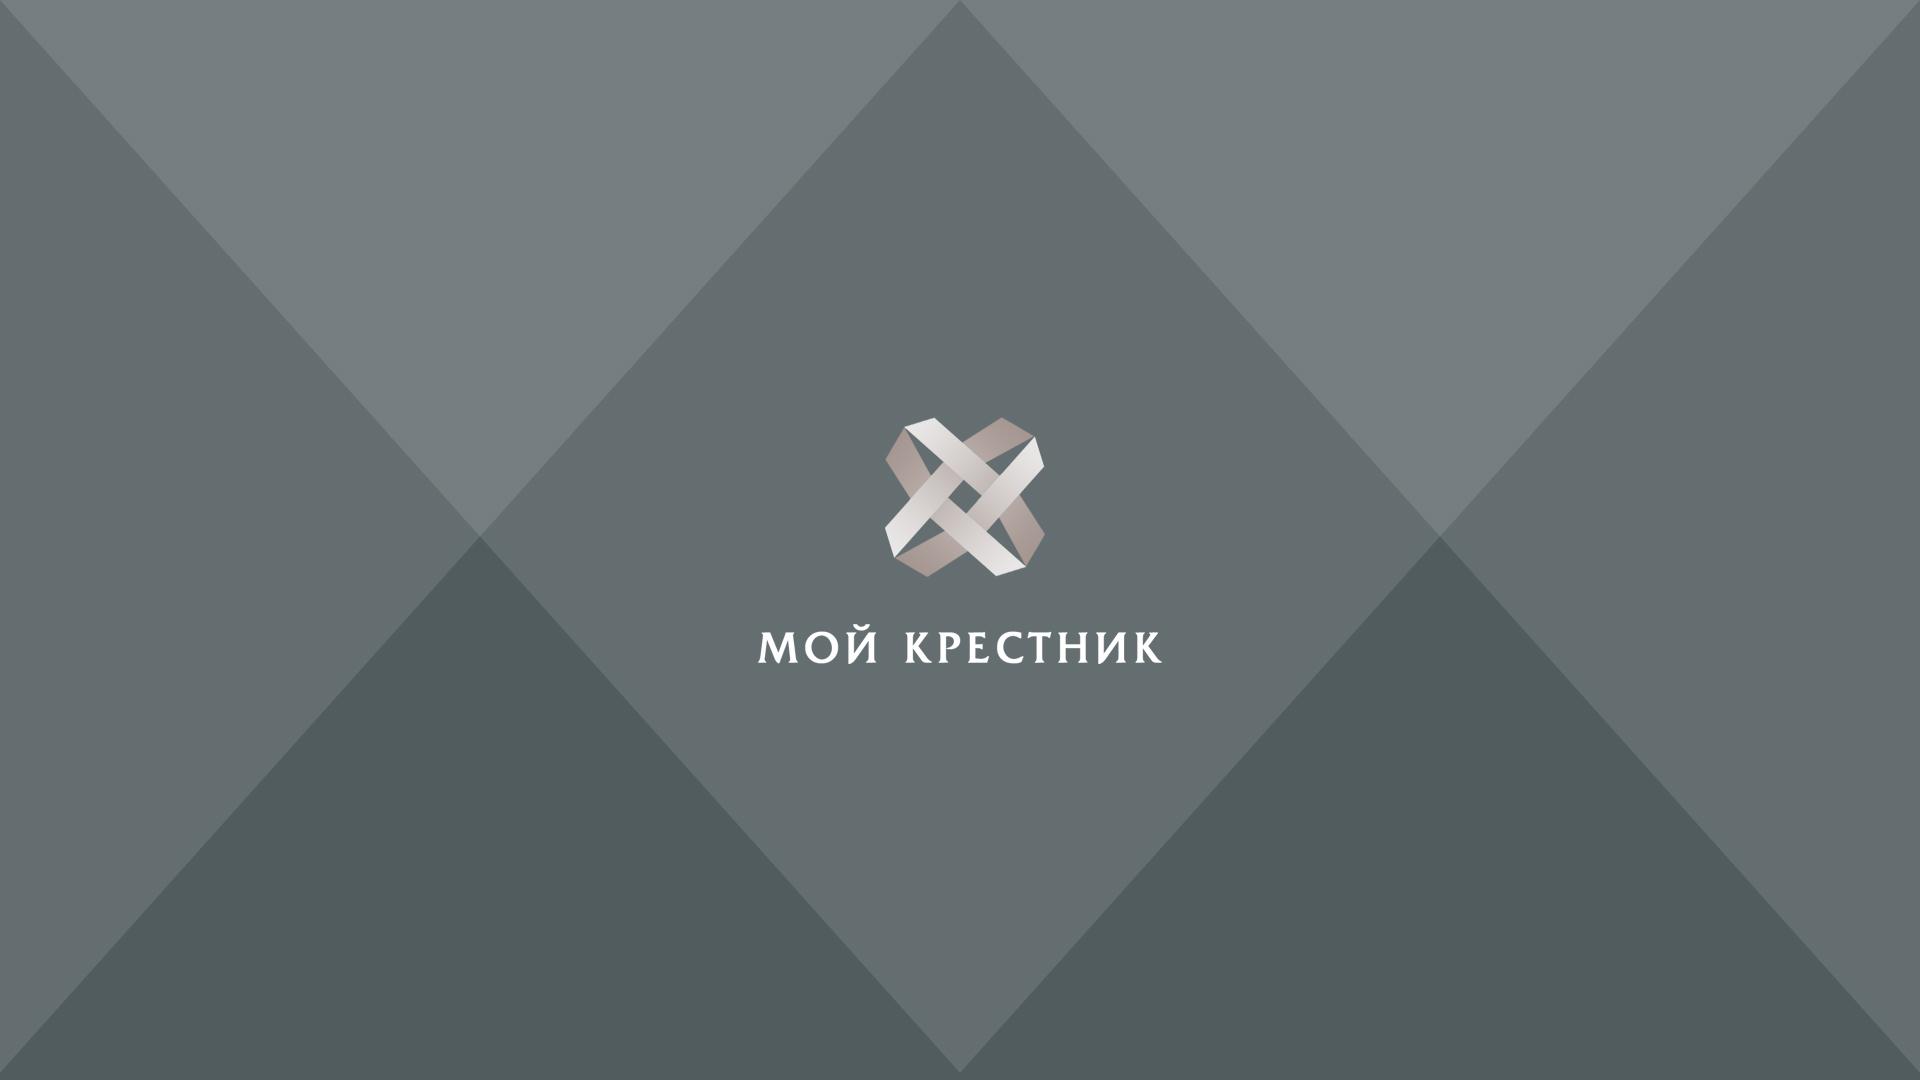 Логотип для крестильной одежды(детской). фото f_3155d56a56726651.jpg